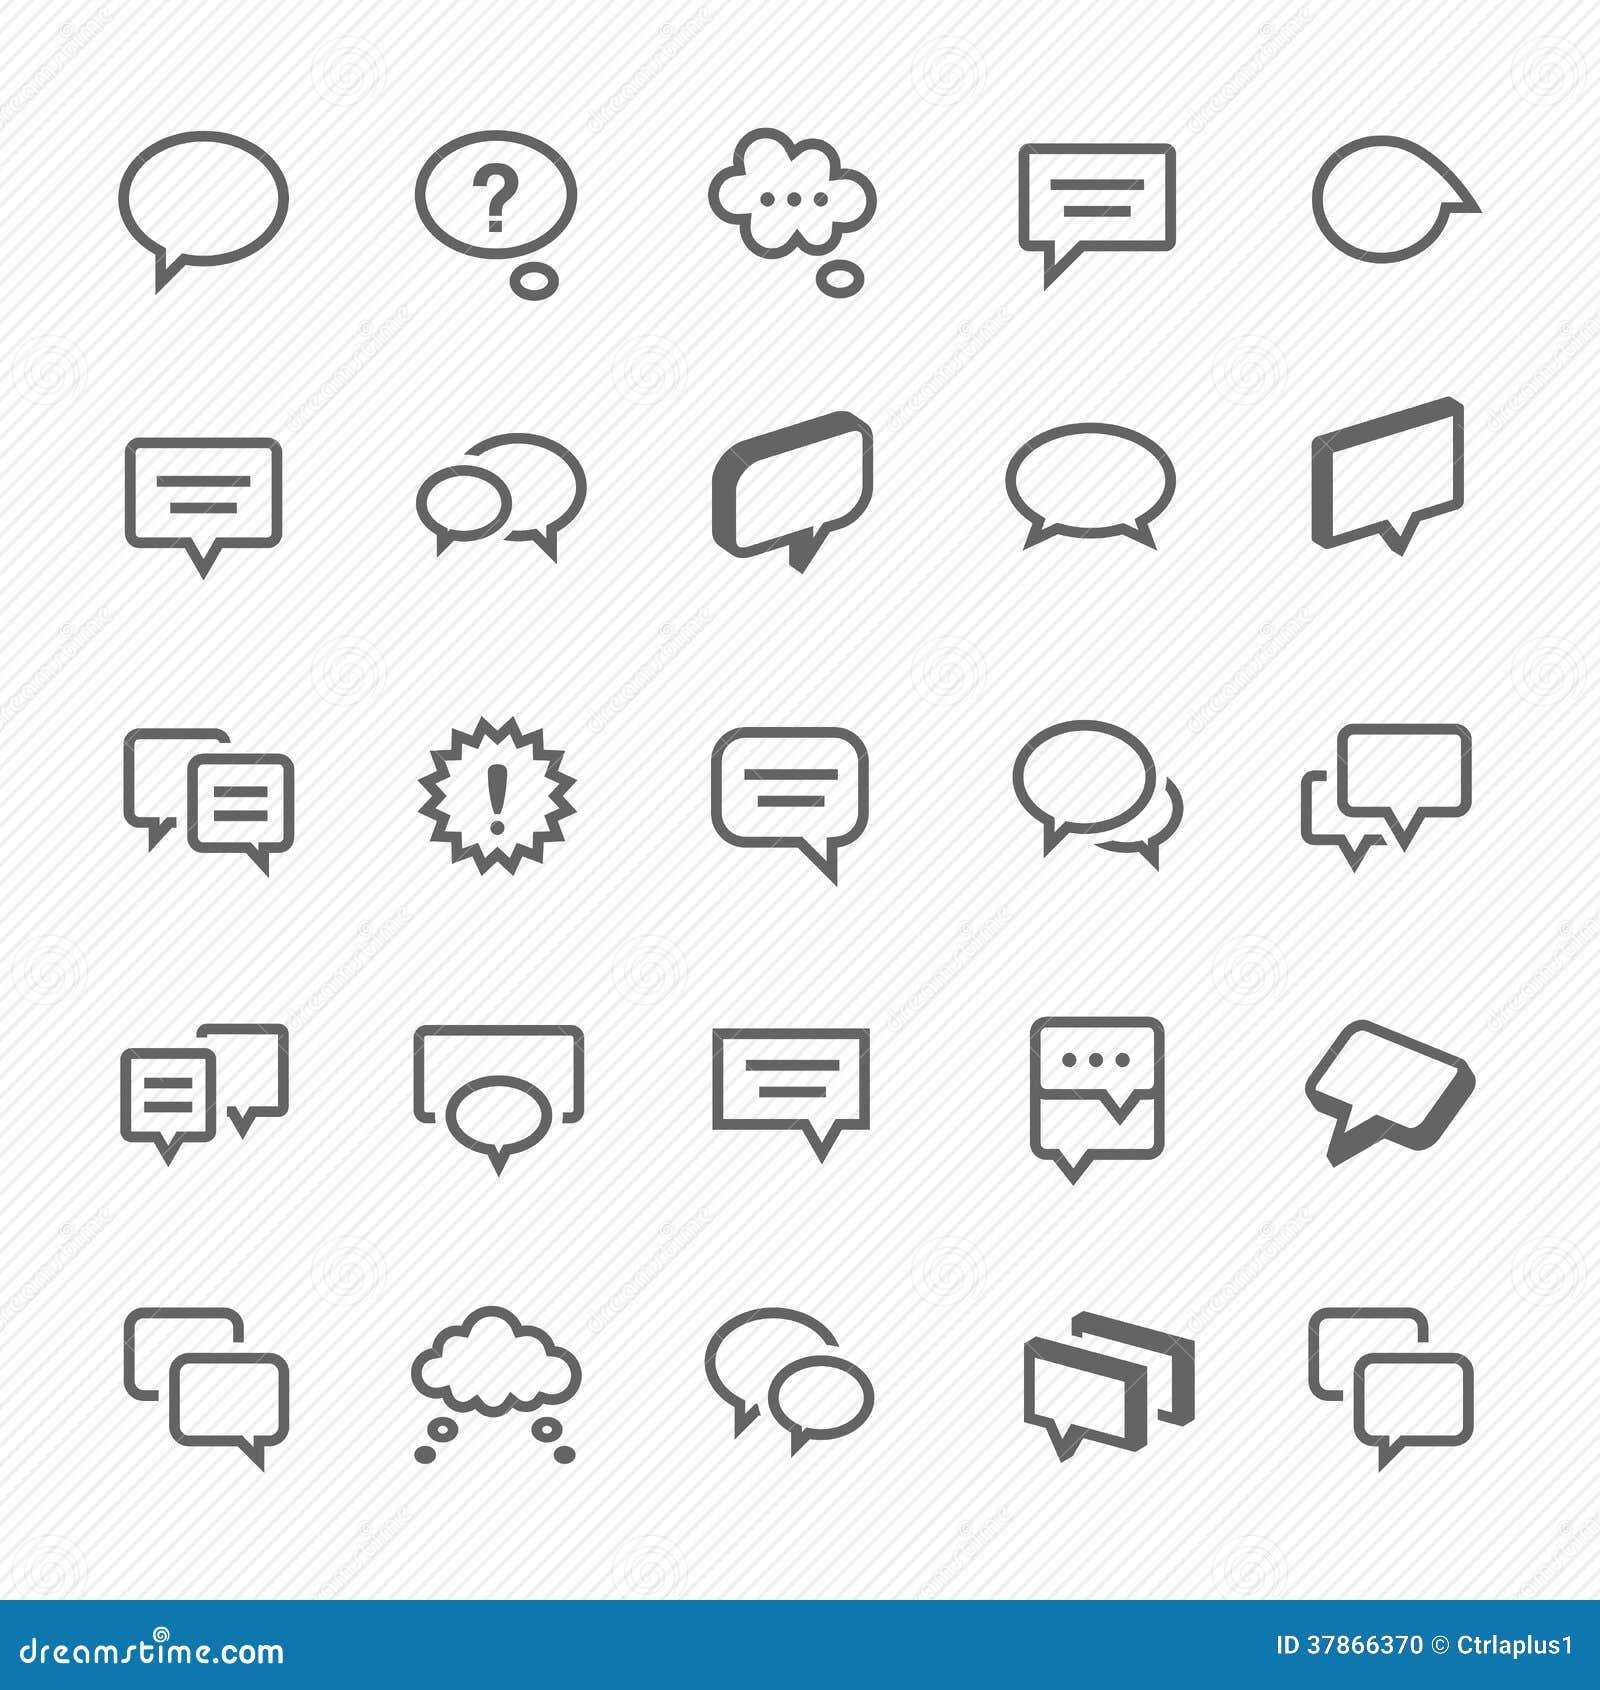 Rozmowa bąbla ikony ilustracyjne.